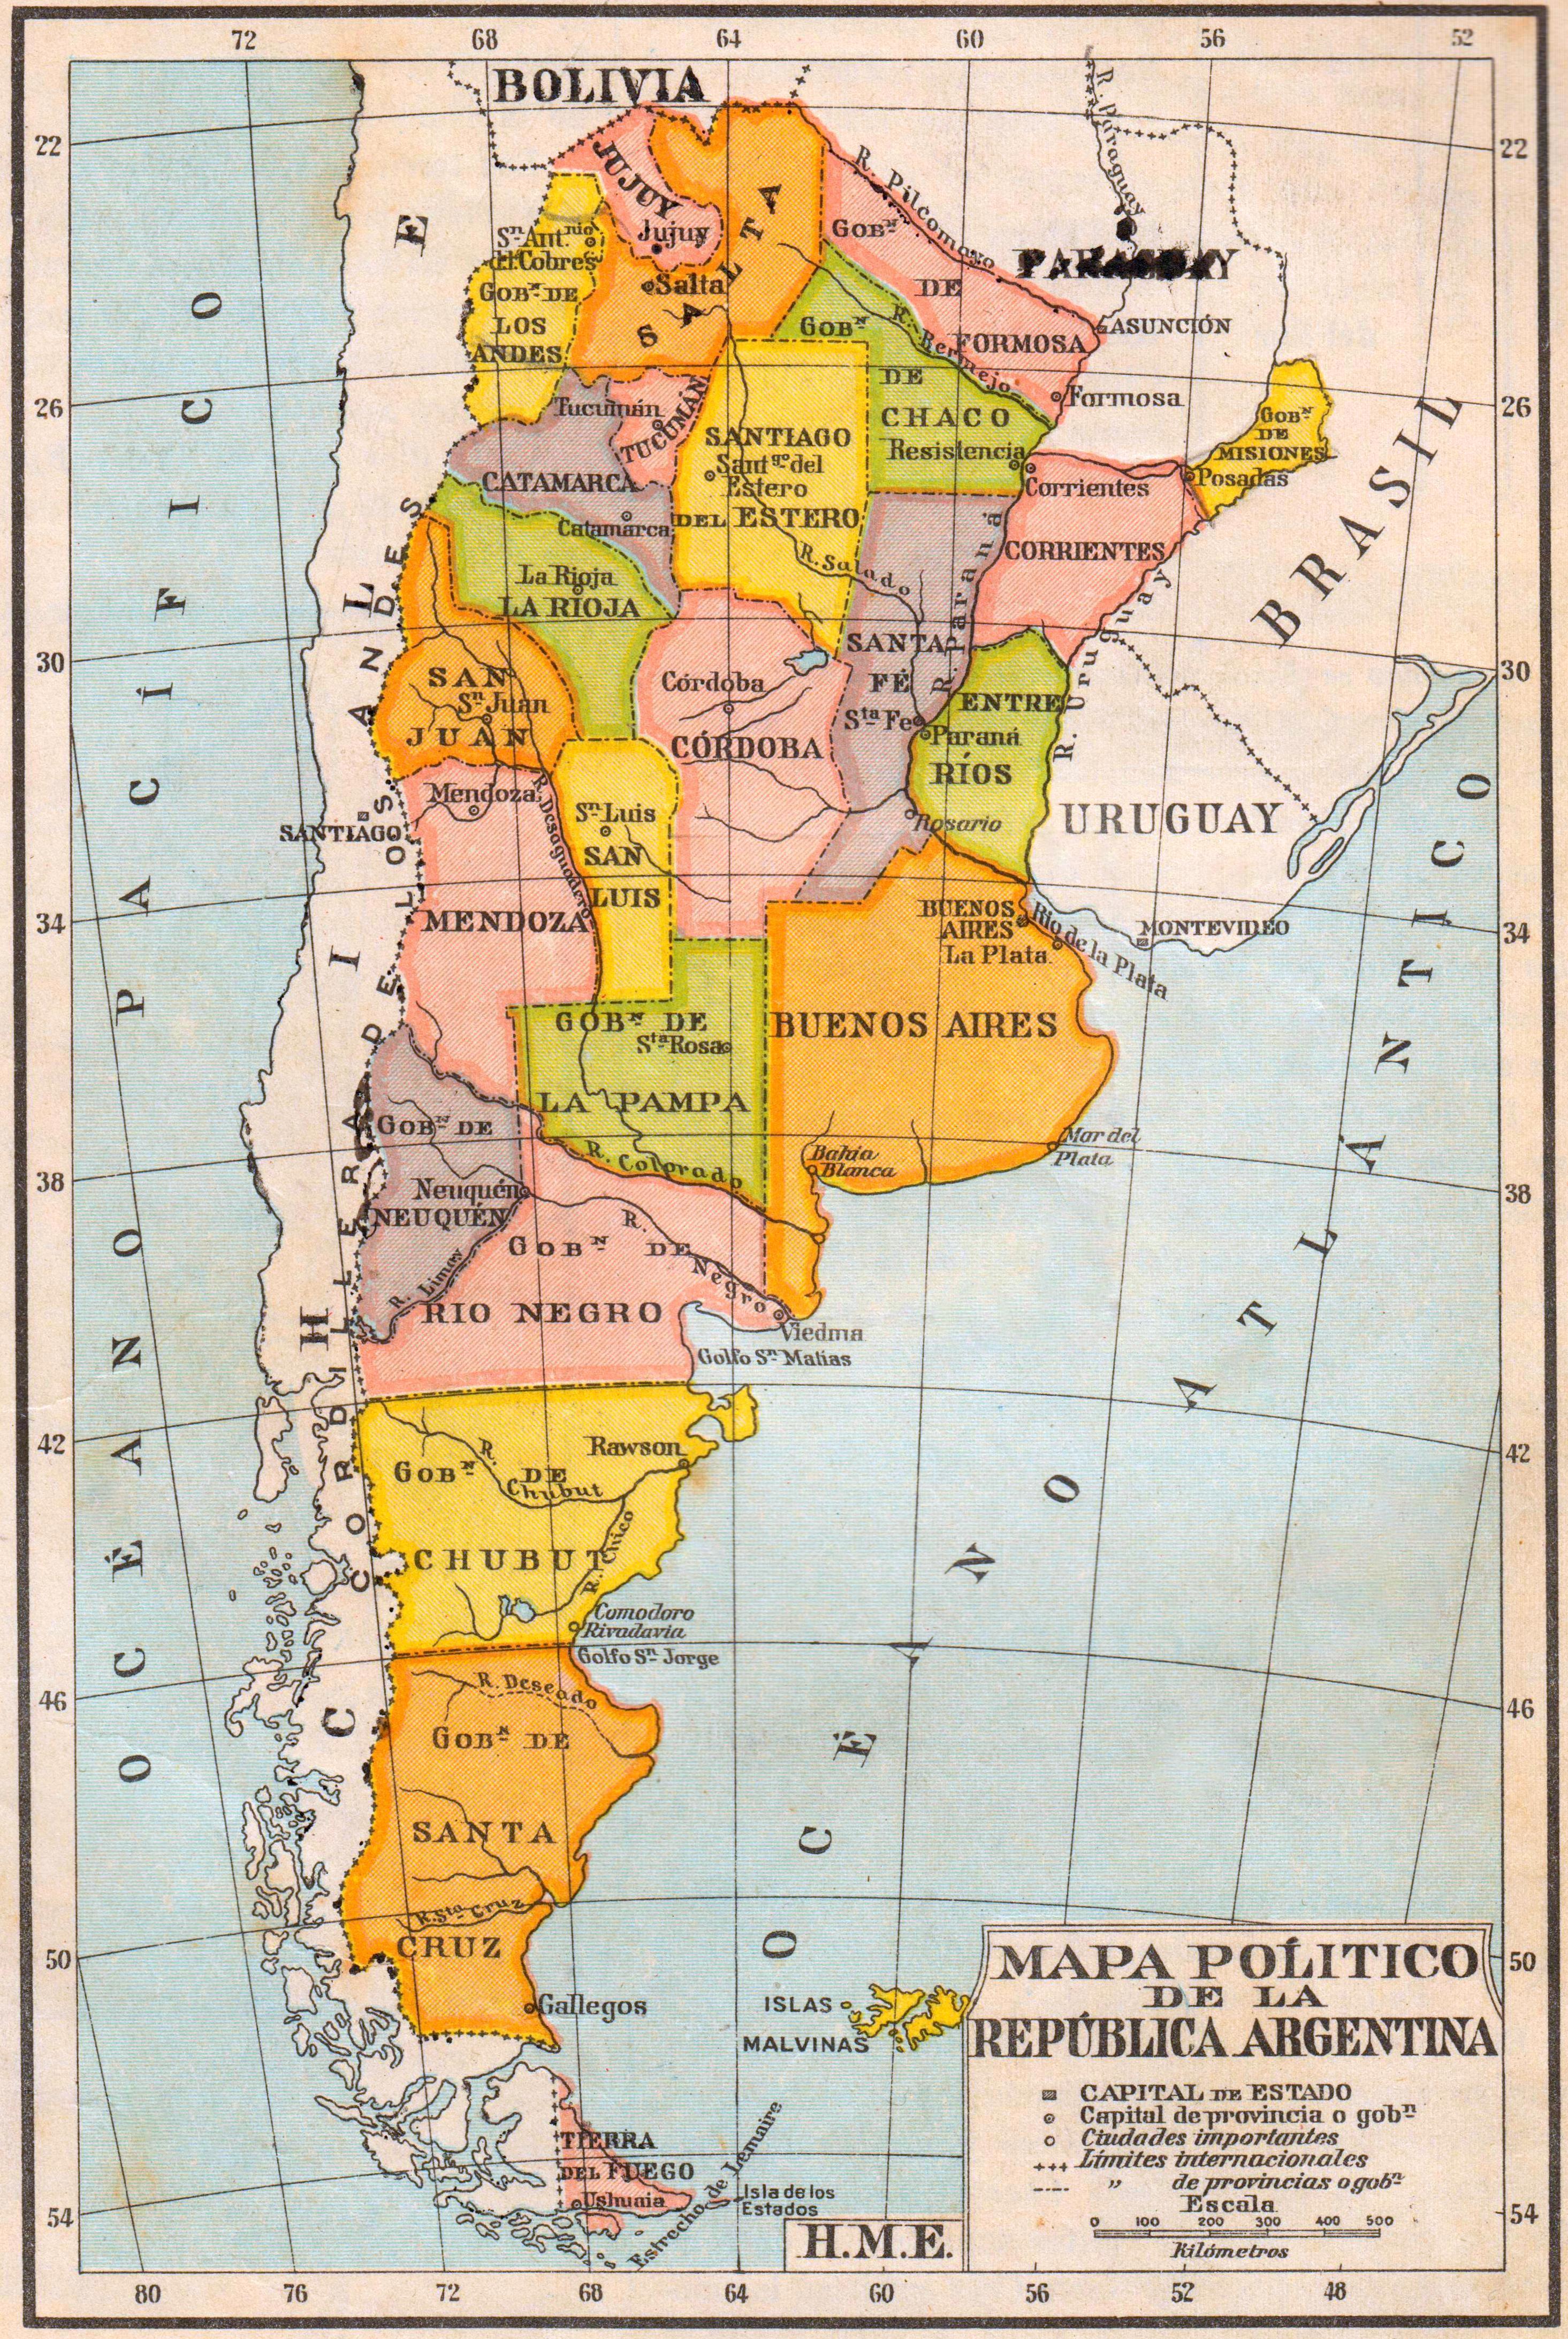 Historia de la Argentina entre 1943 y 1963 - Wikipedia 993da020c12